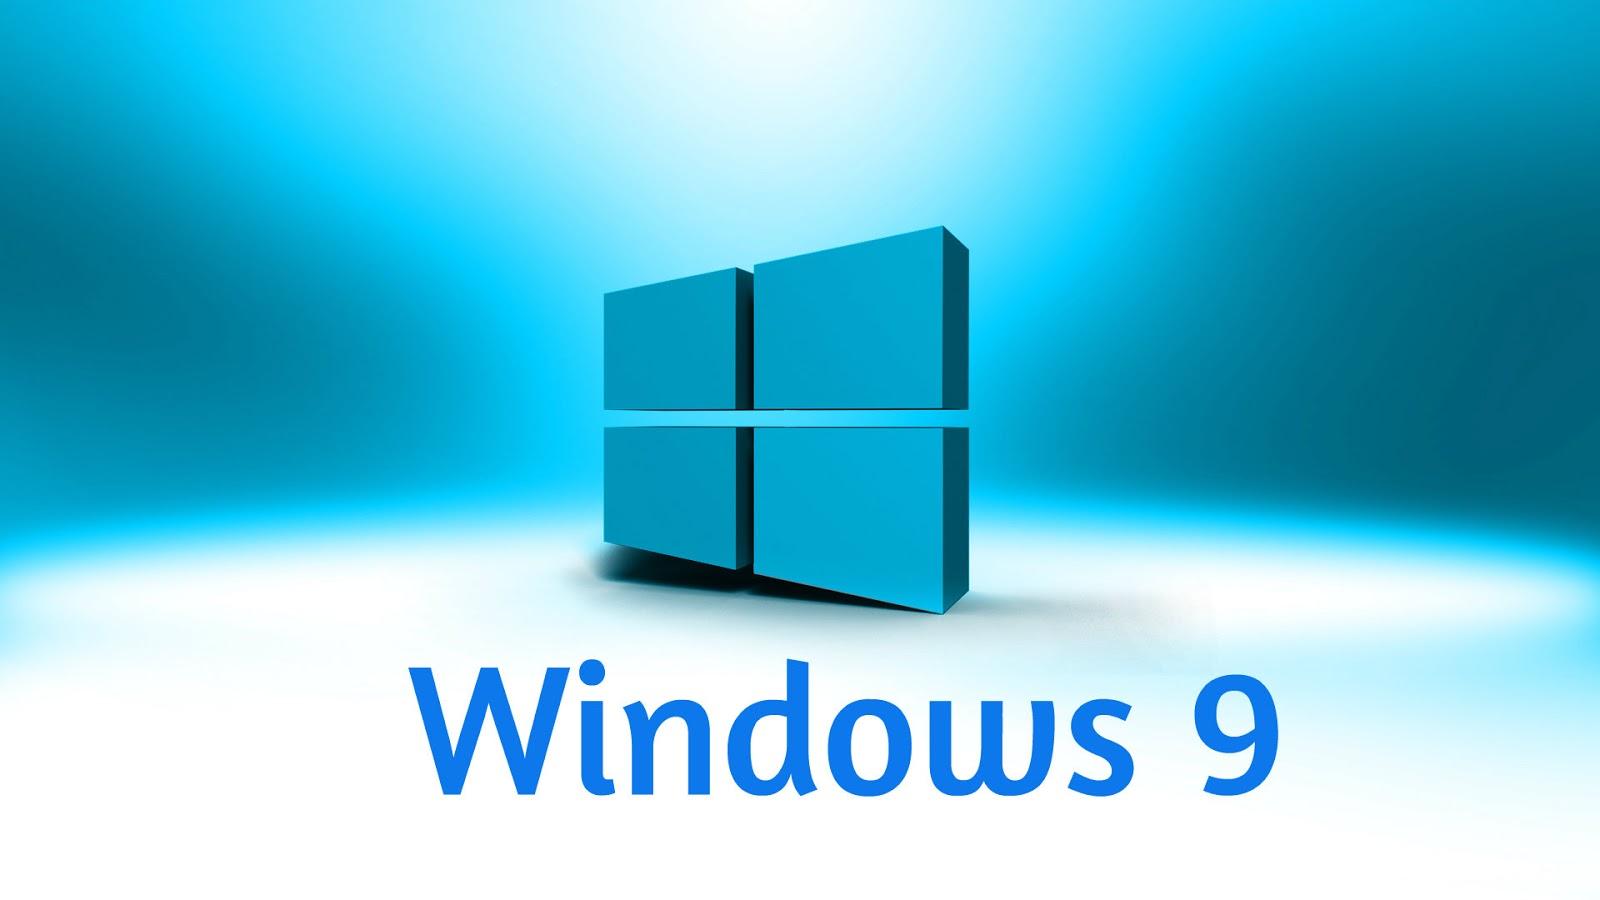 تصاویر جدید از طراحی ویندوز 9 منتشر شد